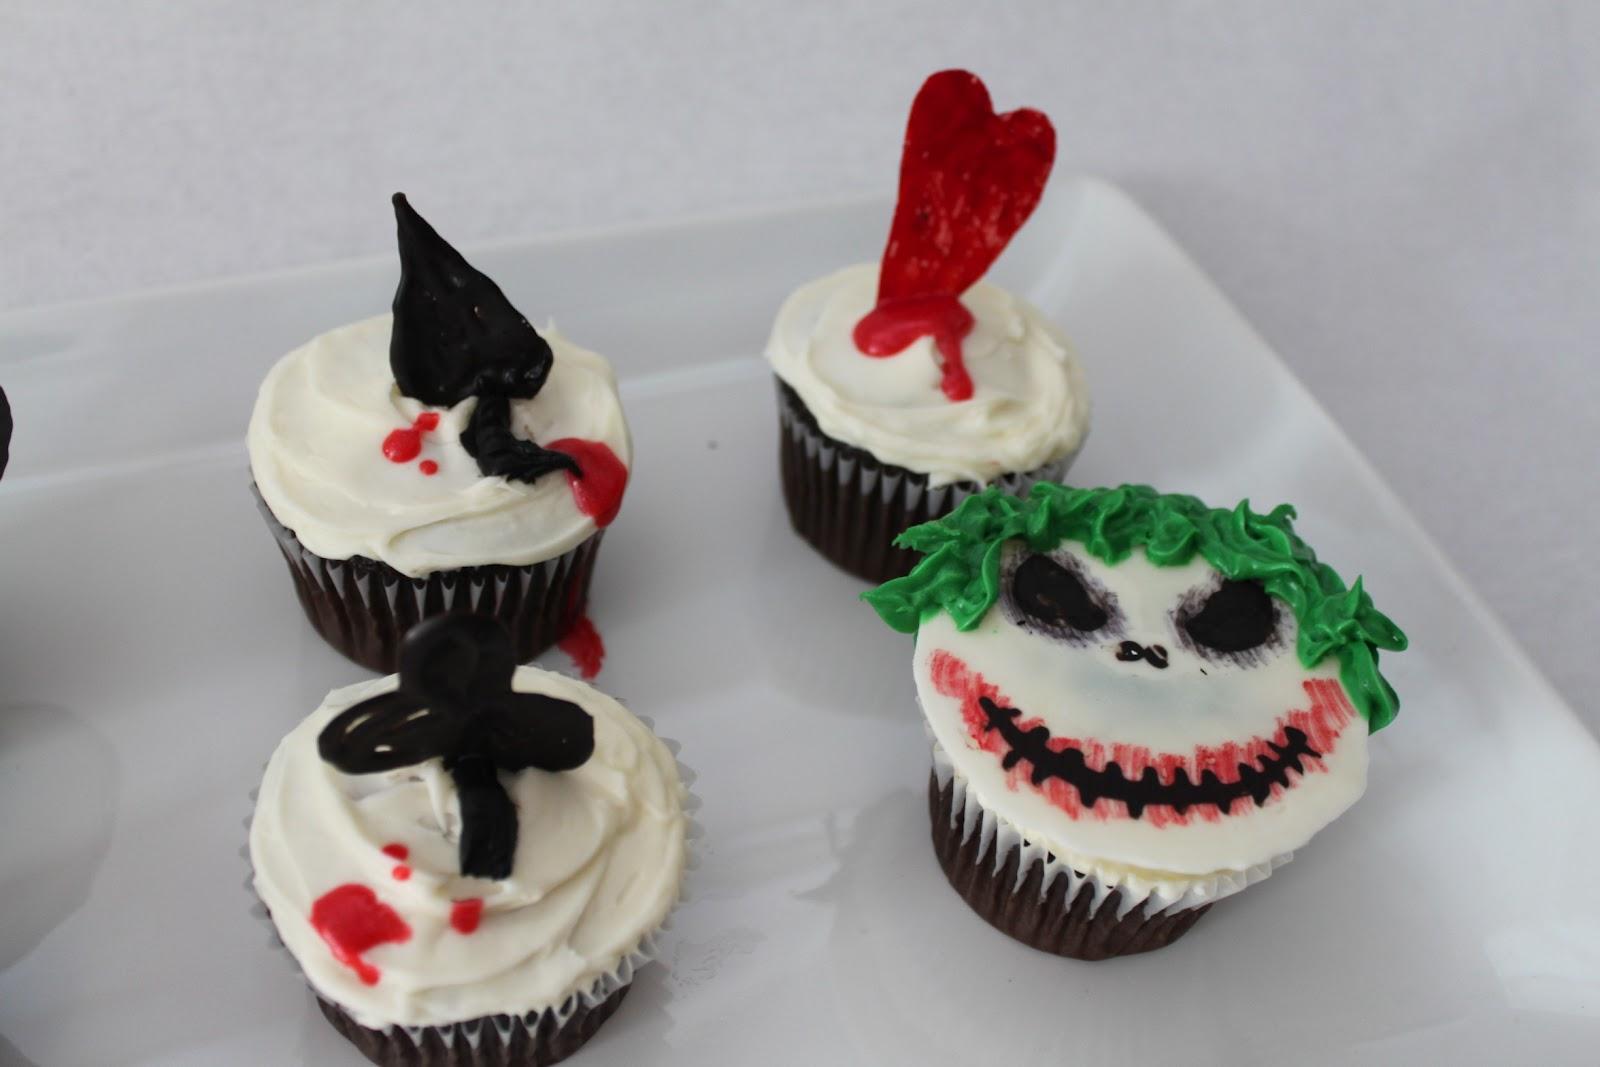 Batman Joker Cake